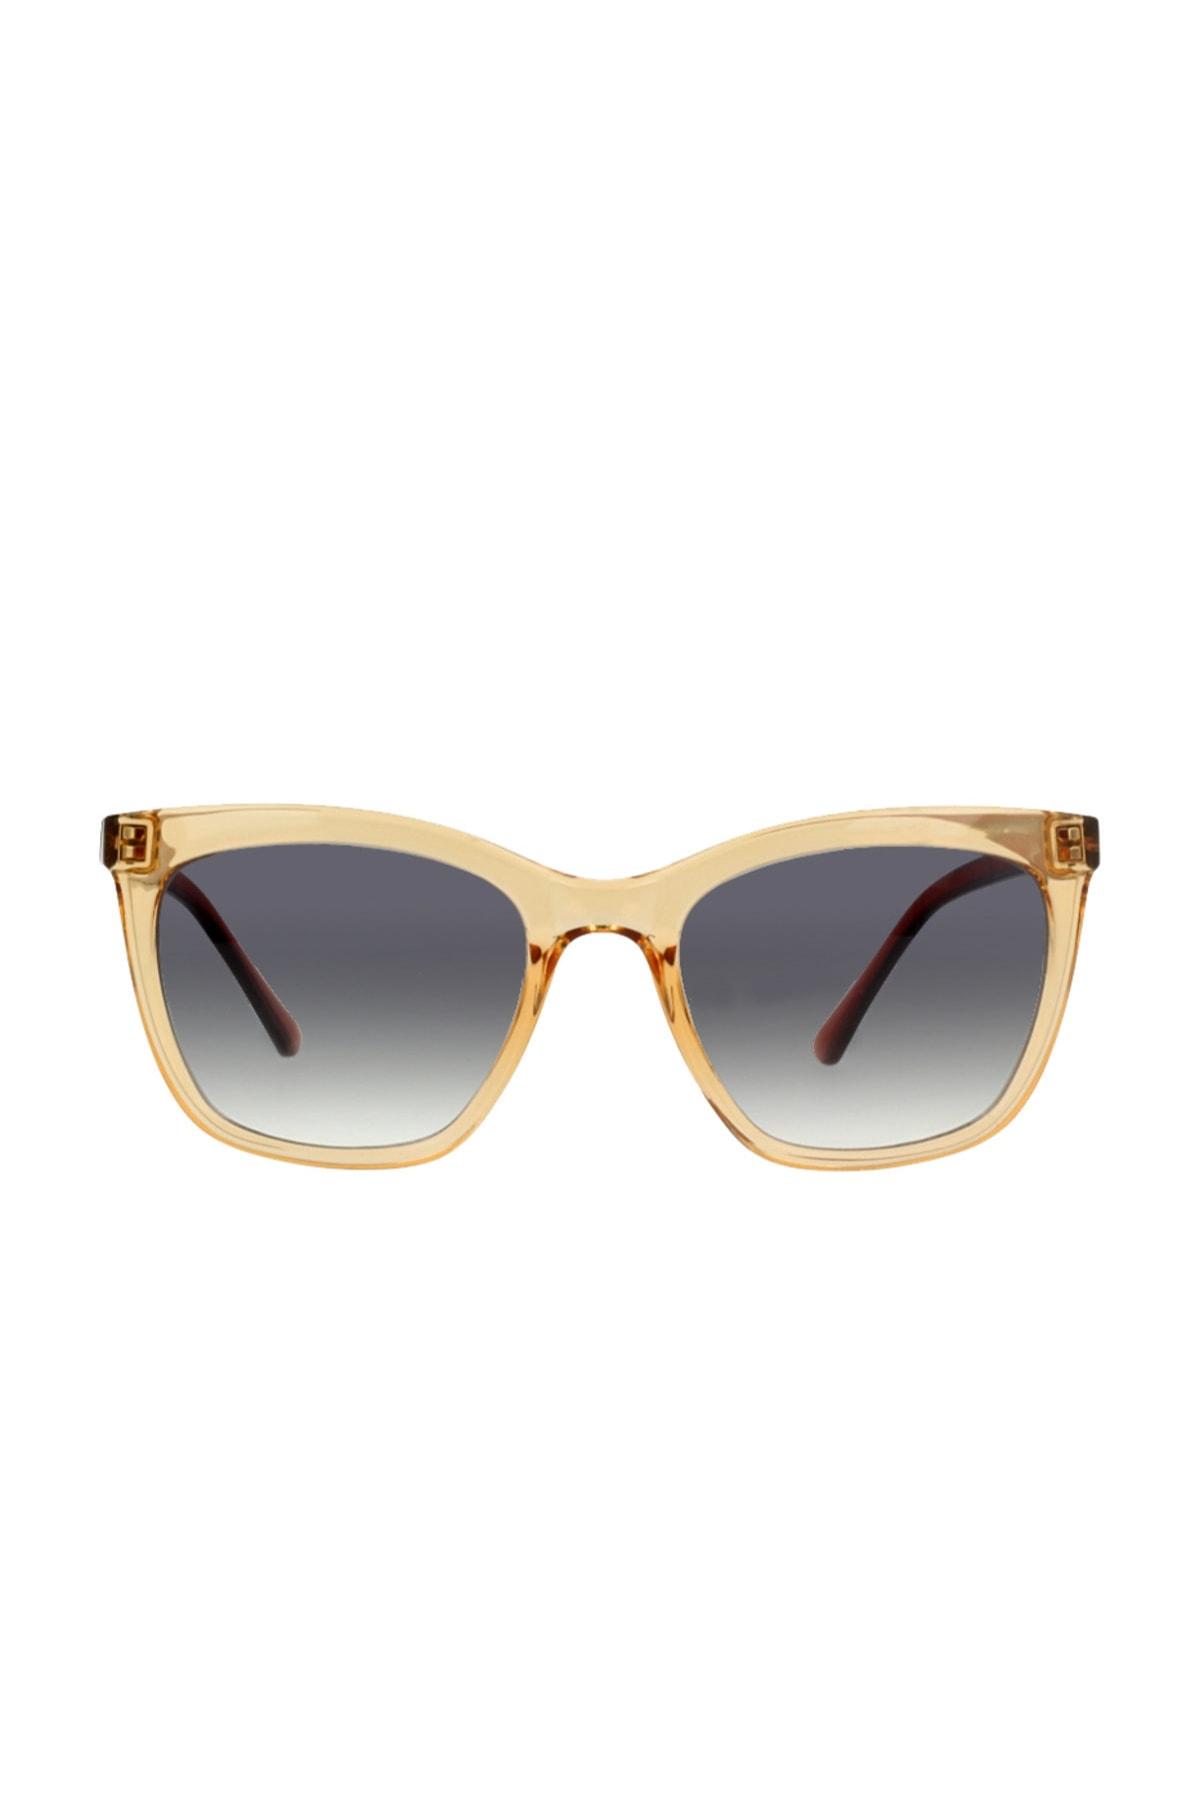 عینک آفتابی زنانه با قیمت برند INESTA رنگ بژ کد ty32071799